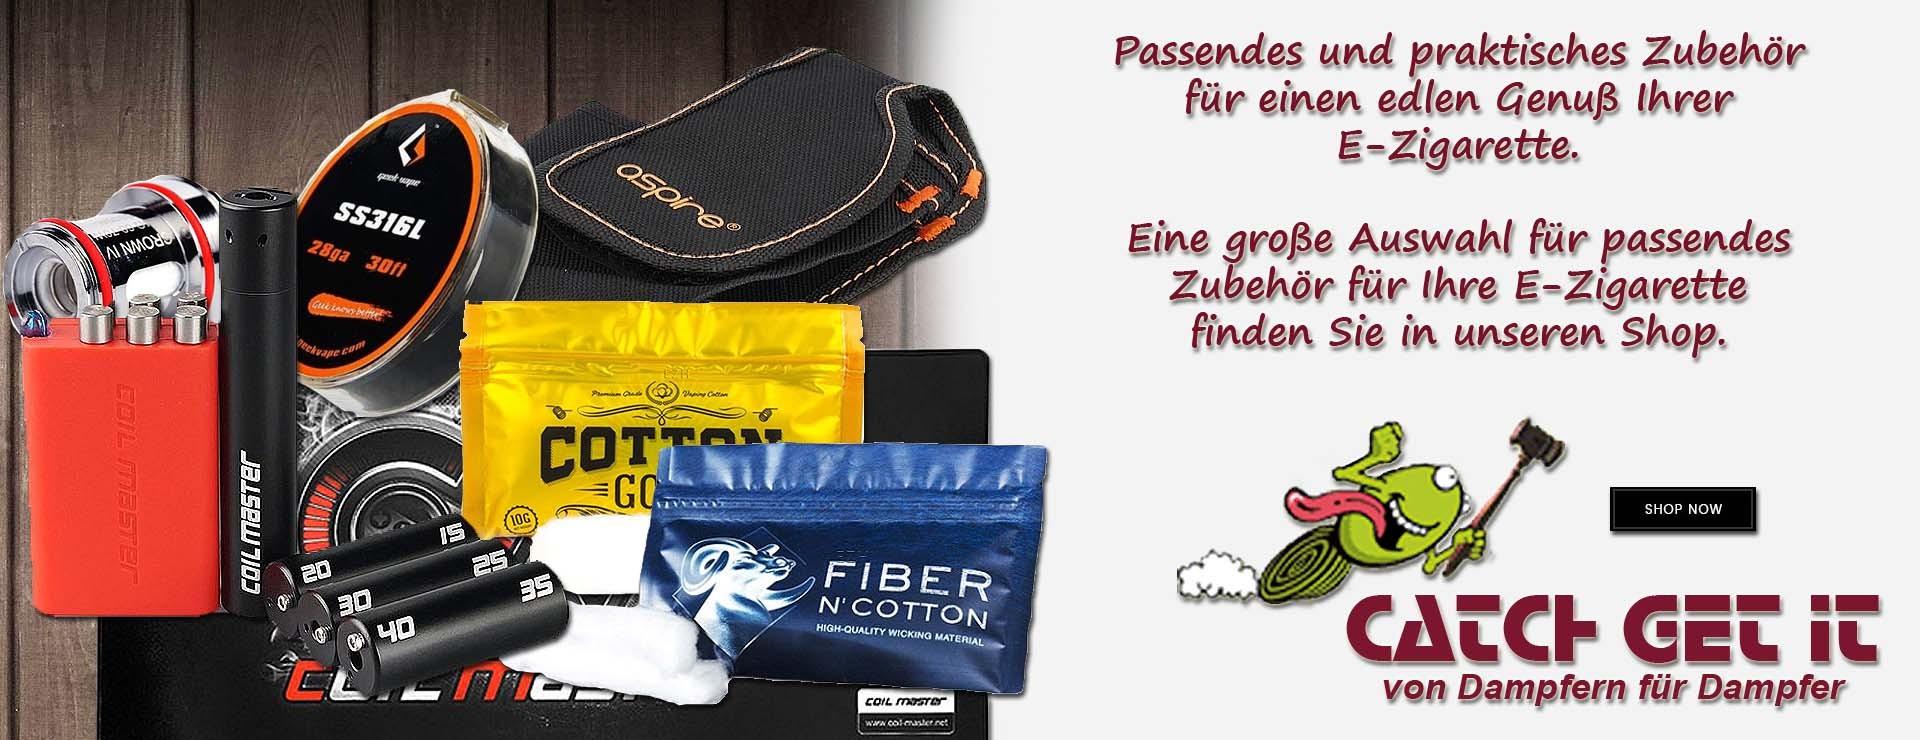 Catch Get It - von Dampfern für Dampfer - Unser Sortiment für die e-Zigarette - Zubehör von Watte bis Draht oder Wickel Werkzeug